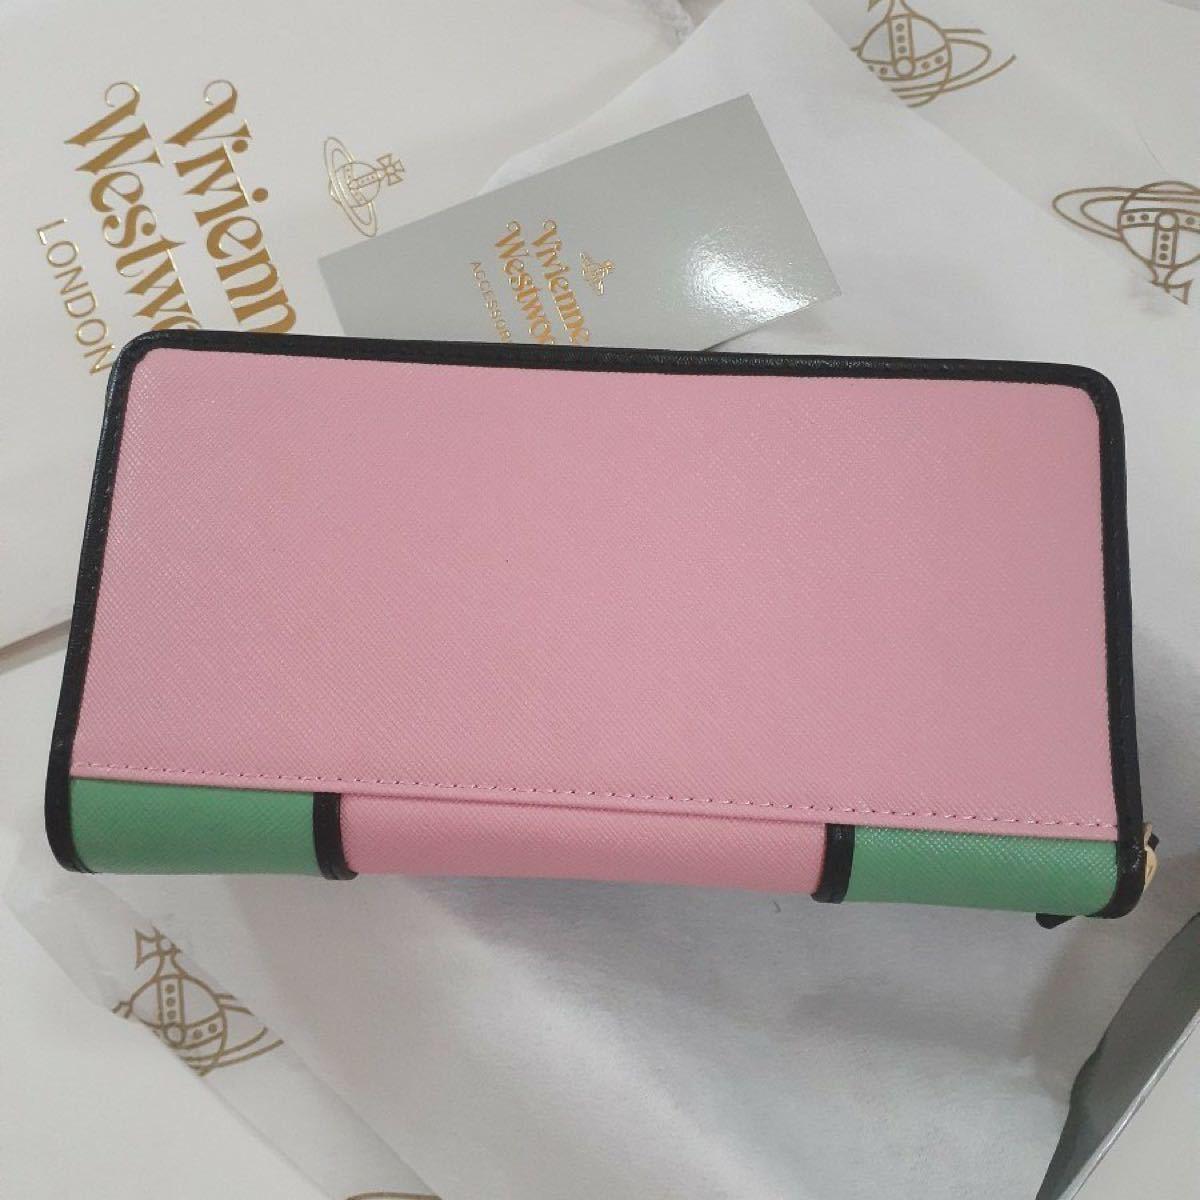 アパレルざき様専用 Vivienne Westwood 長財布 ヴィヴィアンウエストウッド レディース財布  ピンク 箱無し